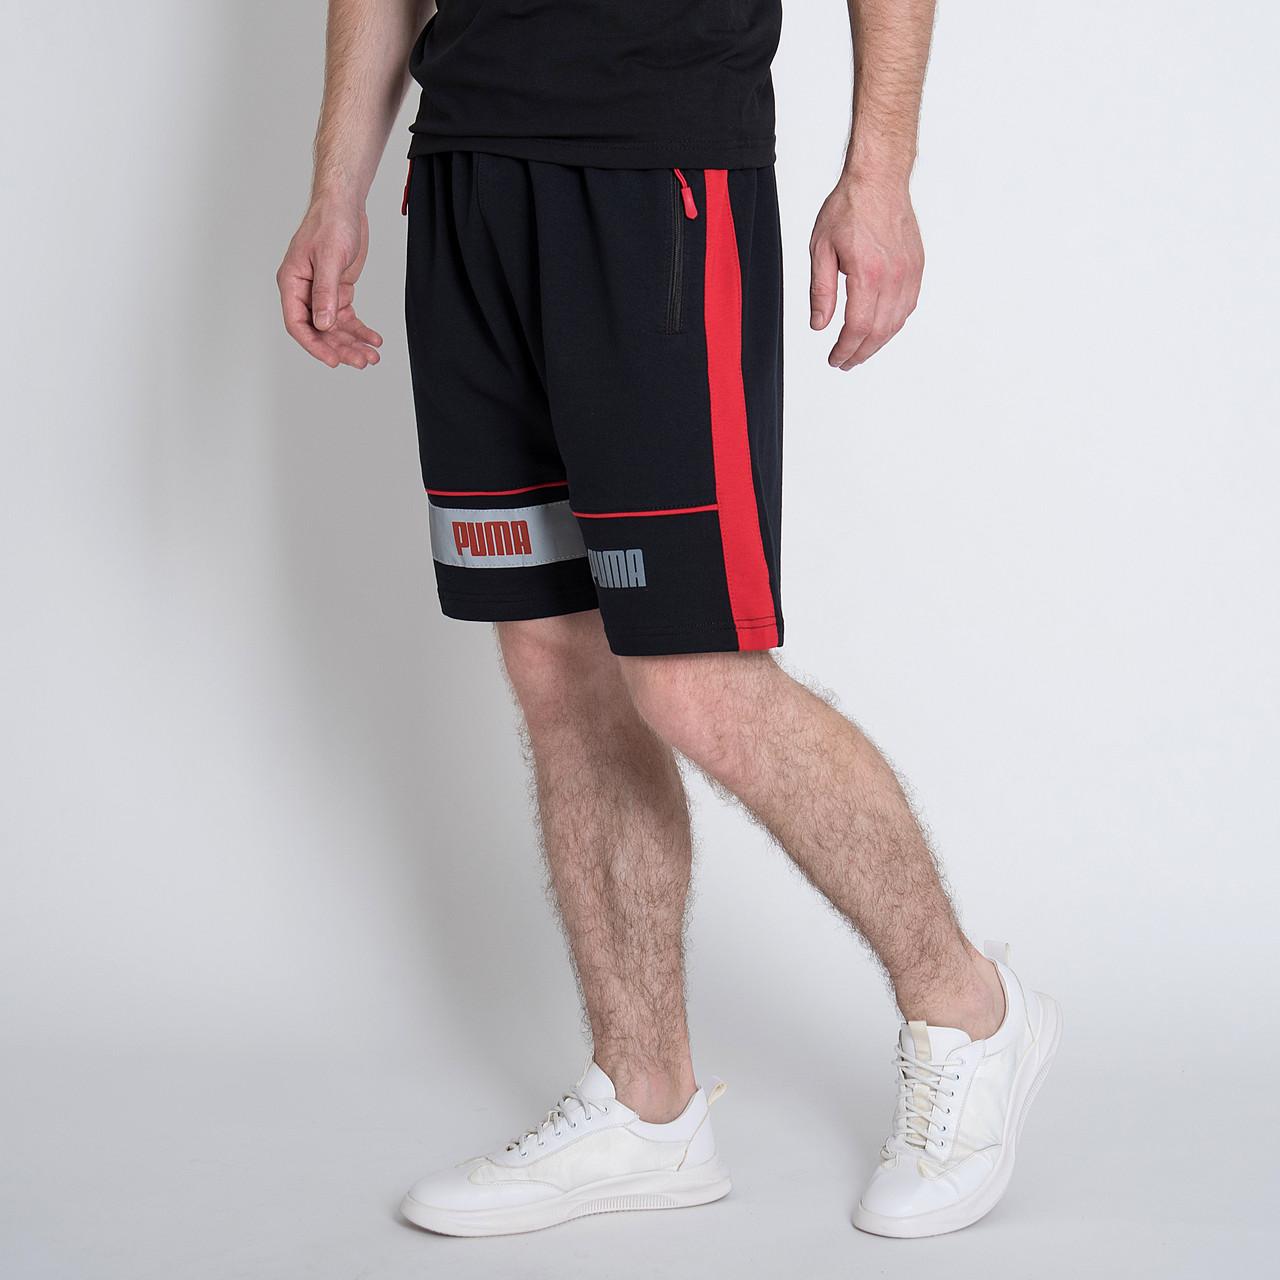 Чоловічі трикотажні шорти PUMA,чорного кольору.